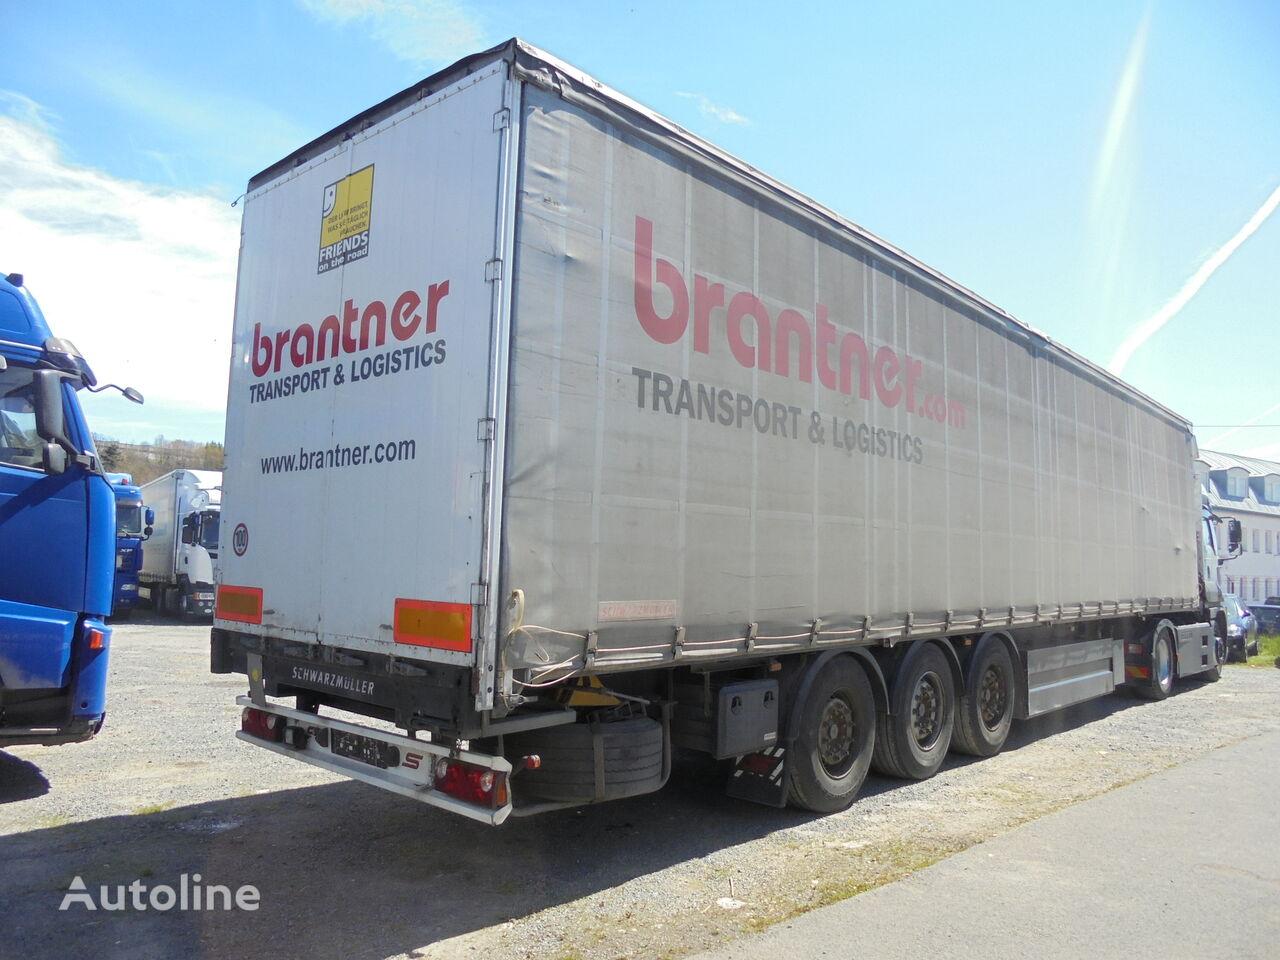 SCHWARZMÜLLER J206, STANDART, AXLES Mercedes, lifting axles tilt semi-trailer